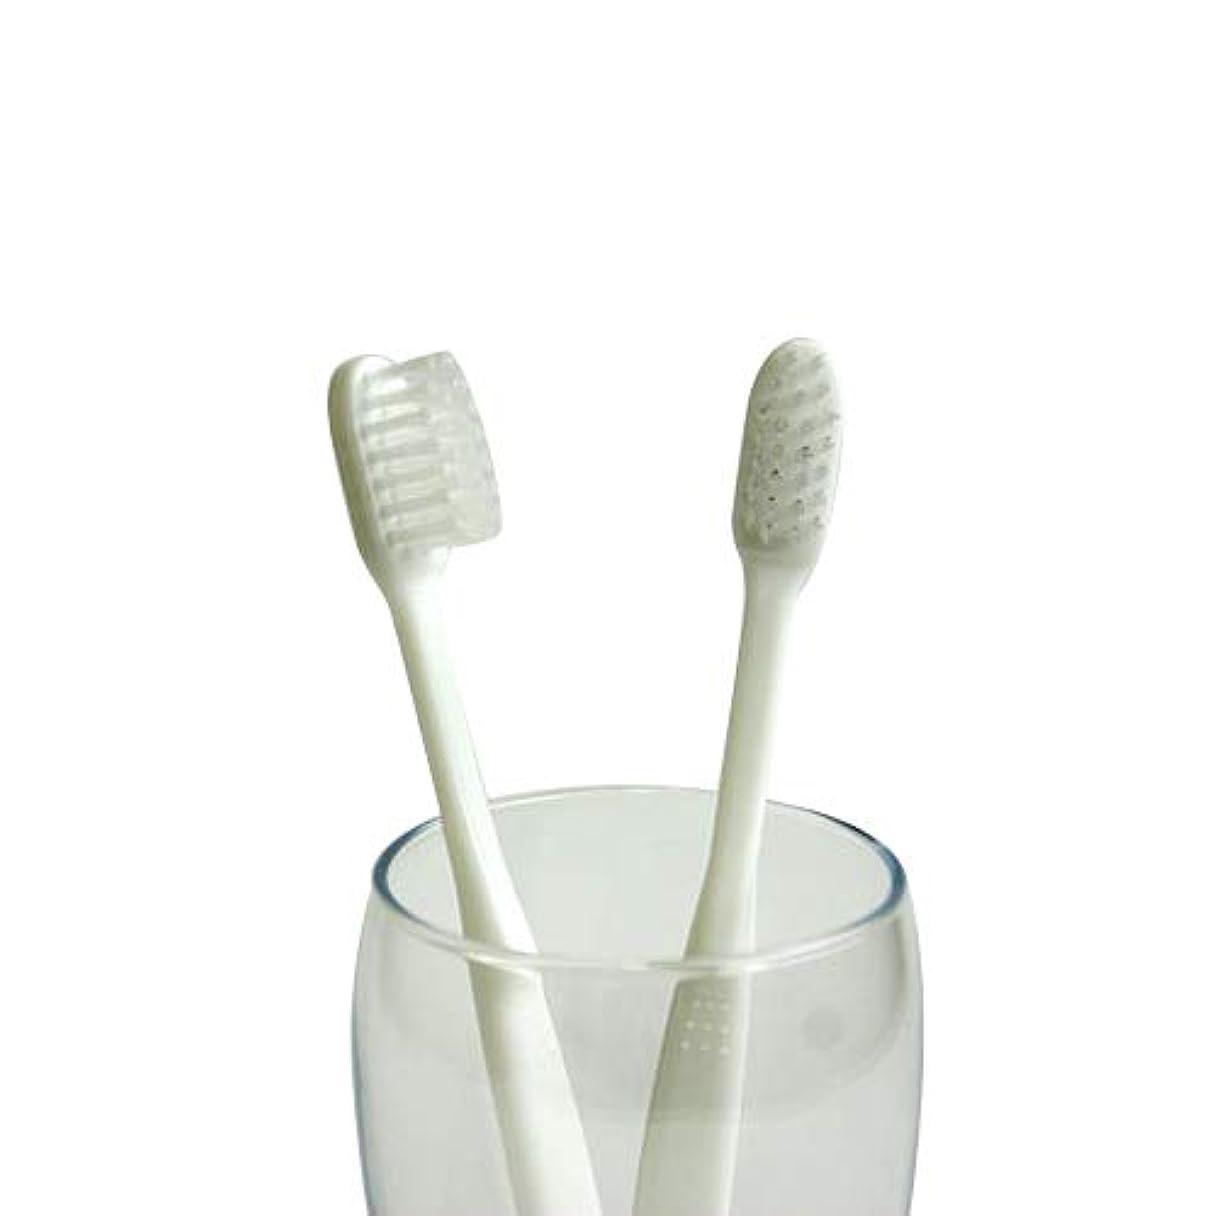 作物シールド容赦ない業務用使い捨て歯ブラシ(ハミガキ粉無し) 100本入り│口腔衛生用 清掃用 掃除用 工業用 ハブラシ はぶらし